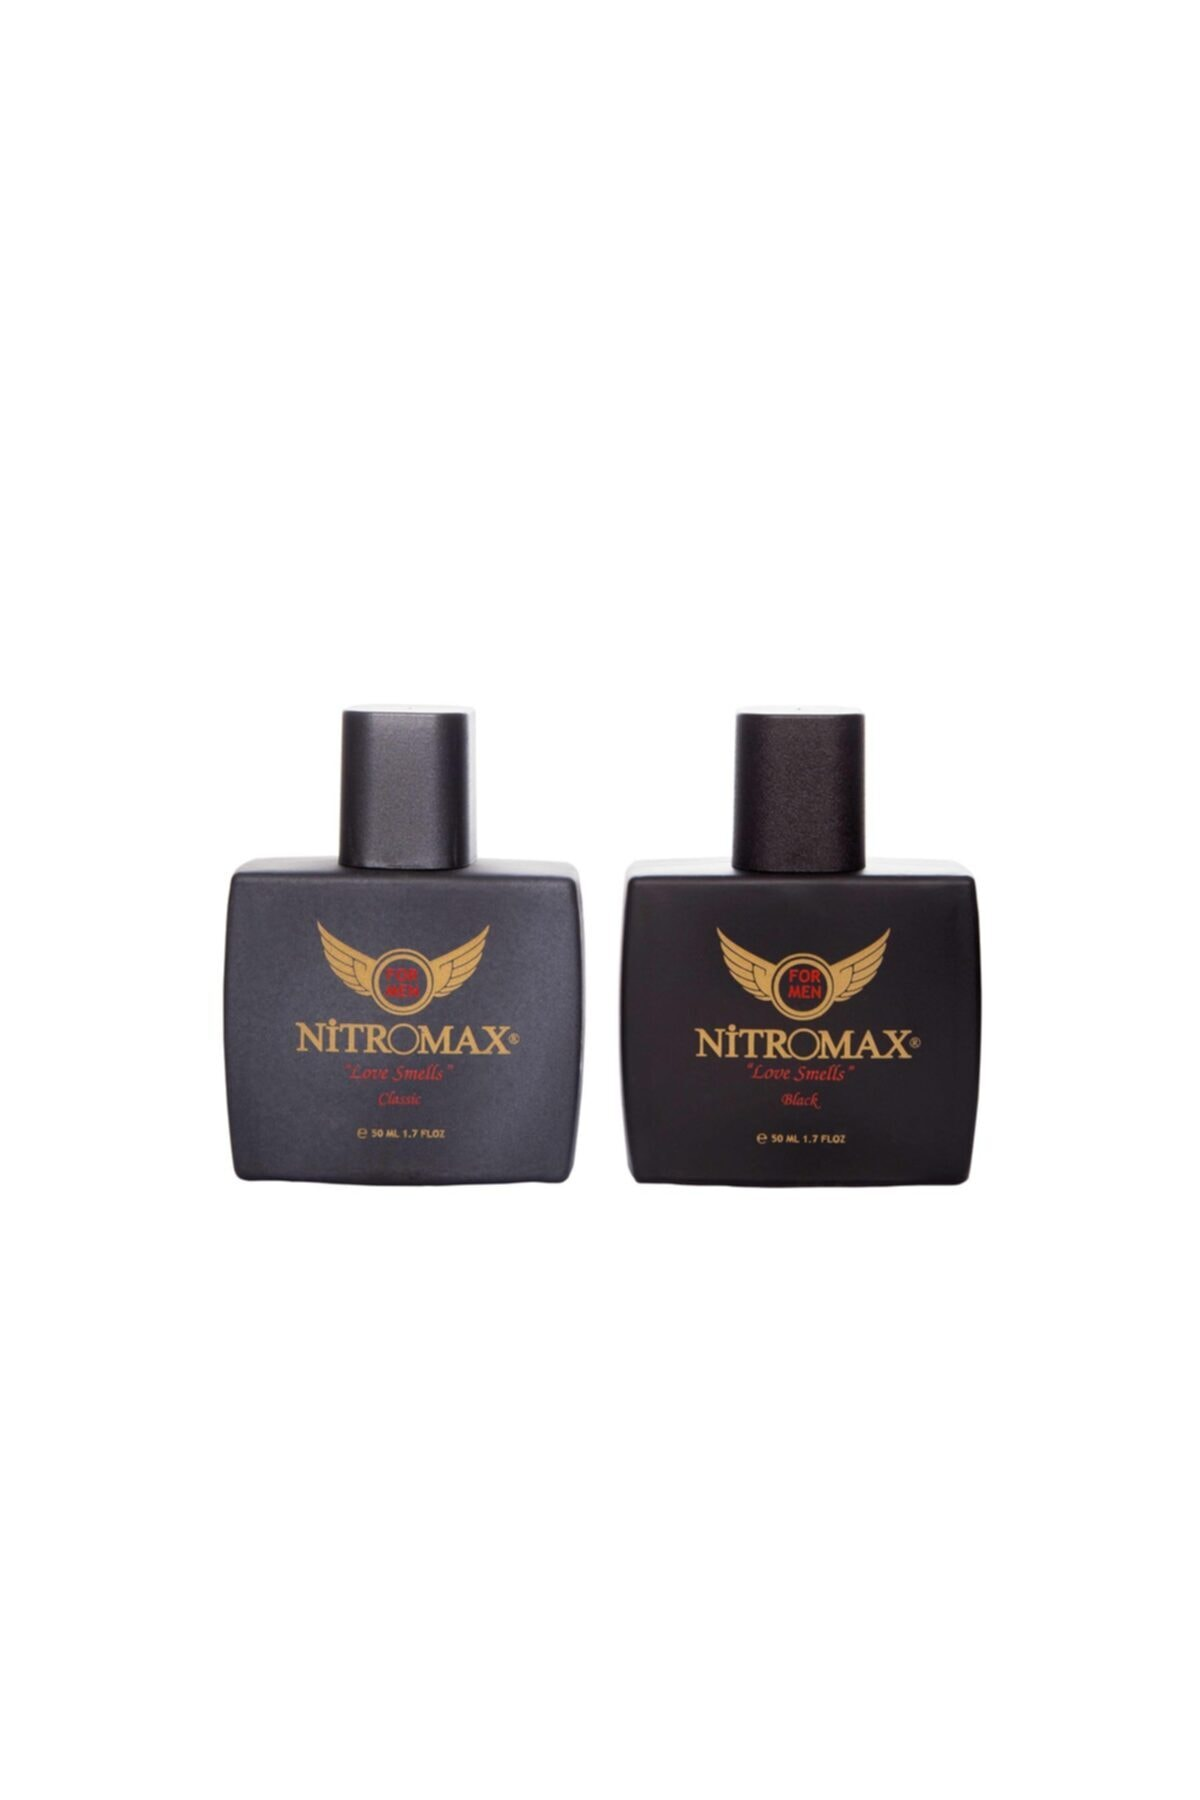 Nitromax Edp 50 Ml Erkek Parfümü (classic Ve Black ) 1